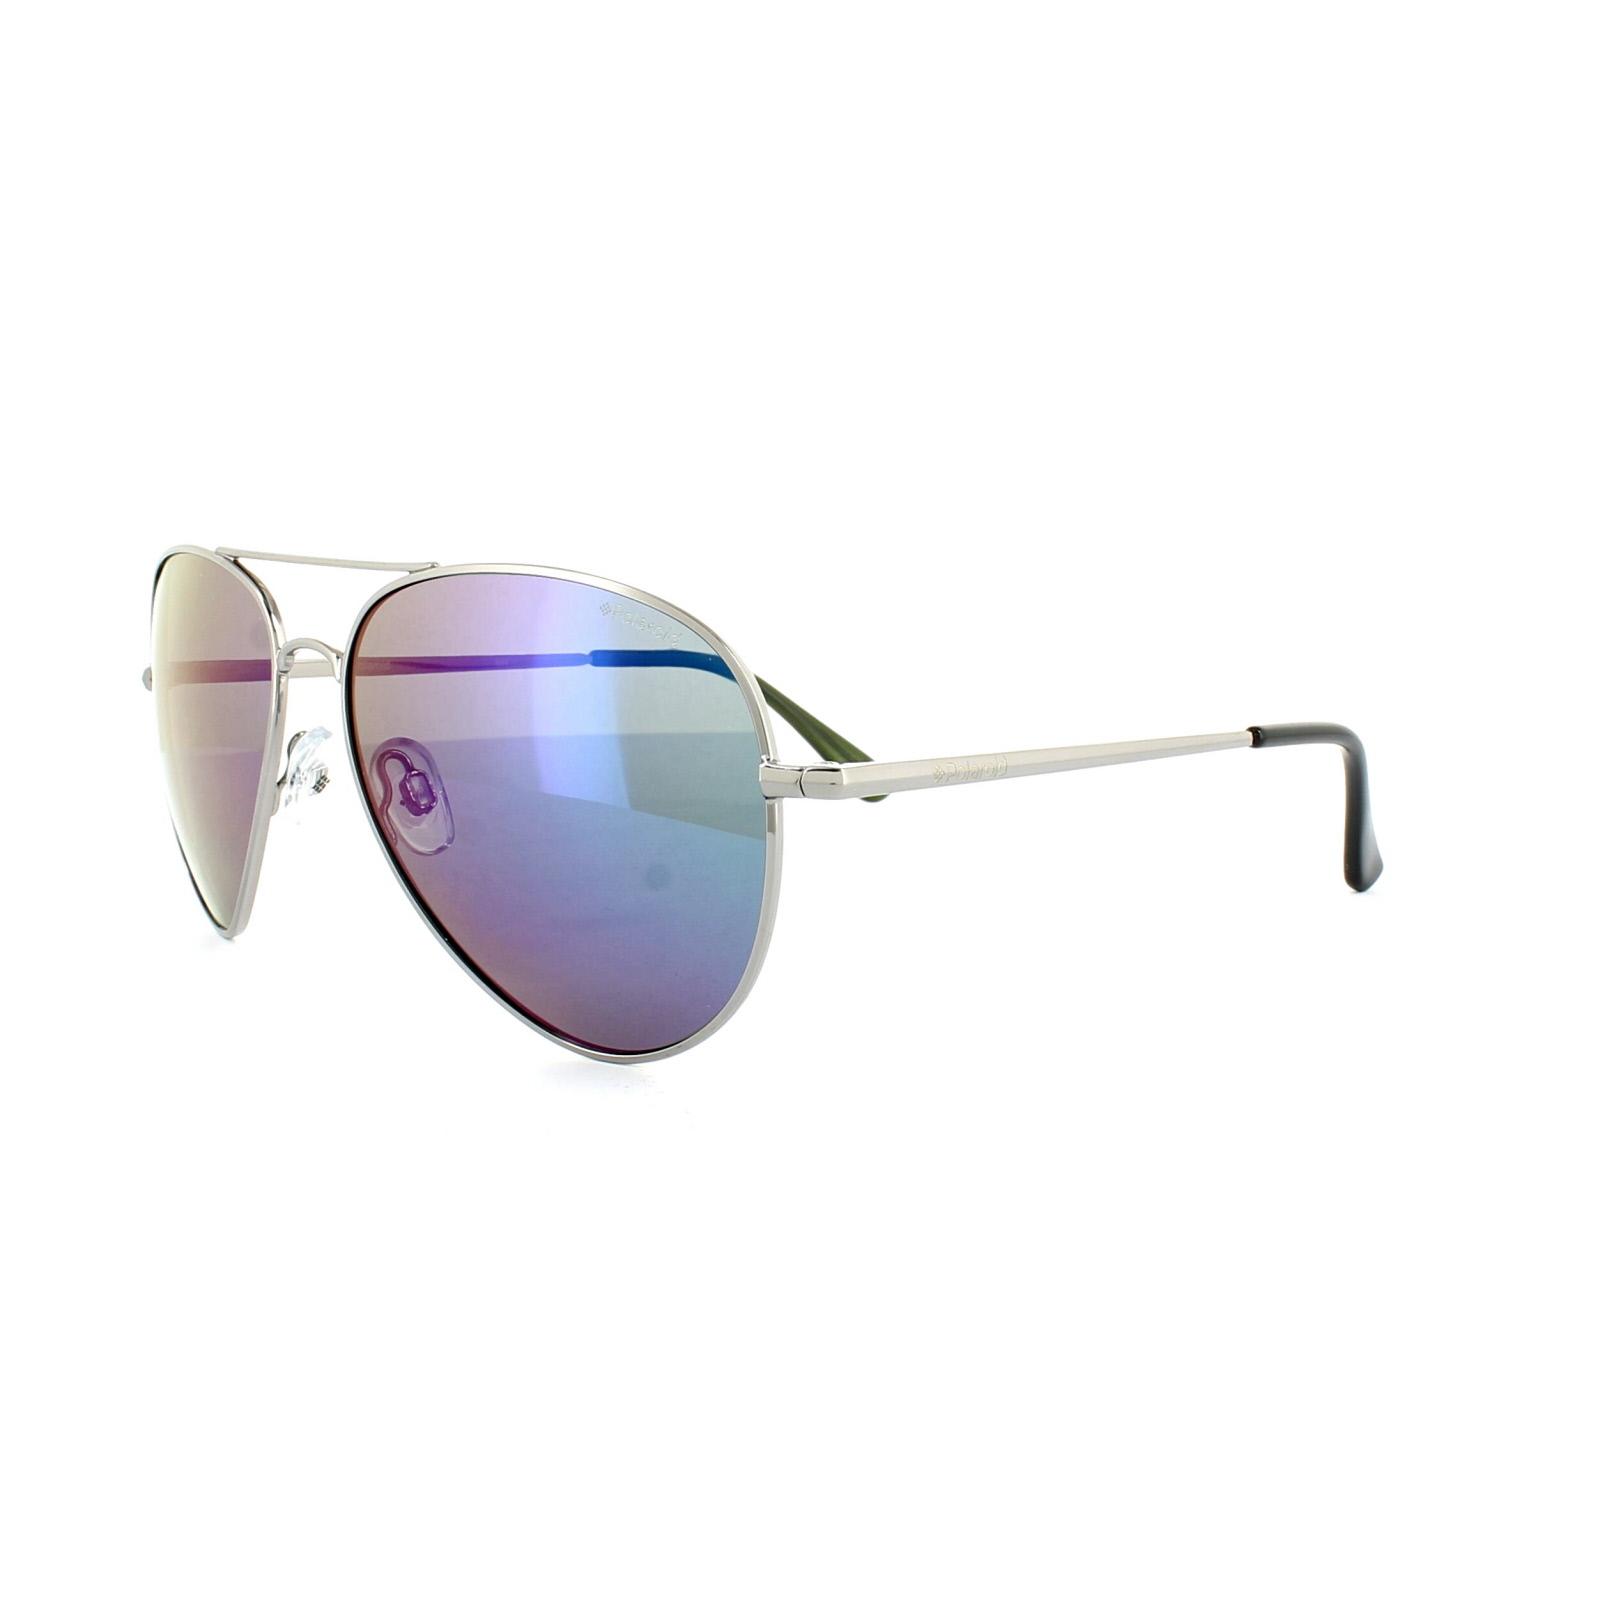 Polaroid occhiali da sole p4139 n5y k7 argento verde - Specchio polarizzato ...